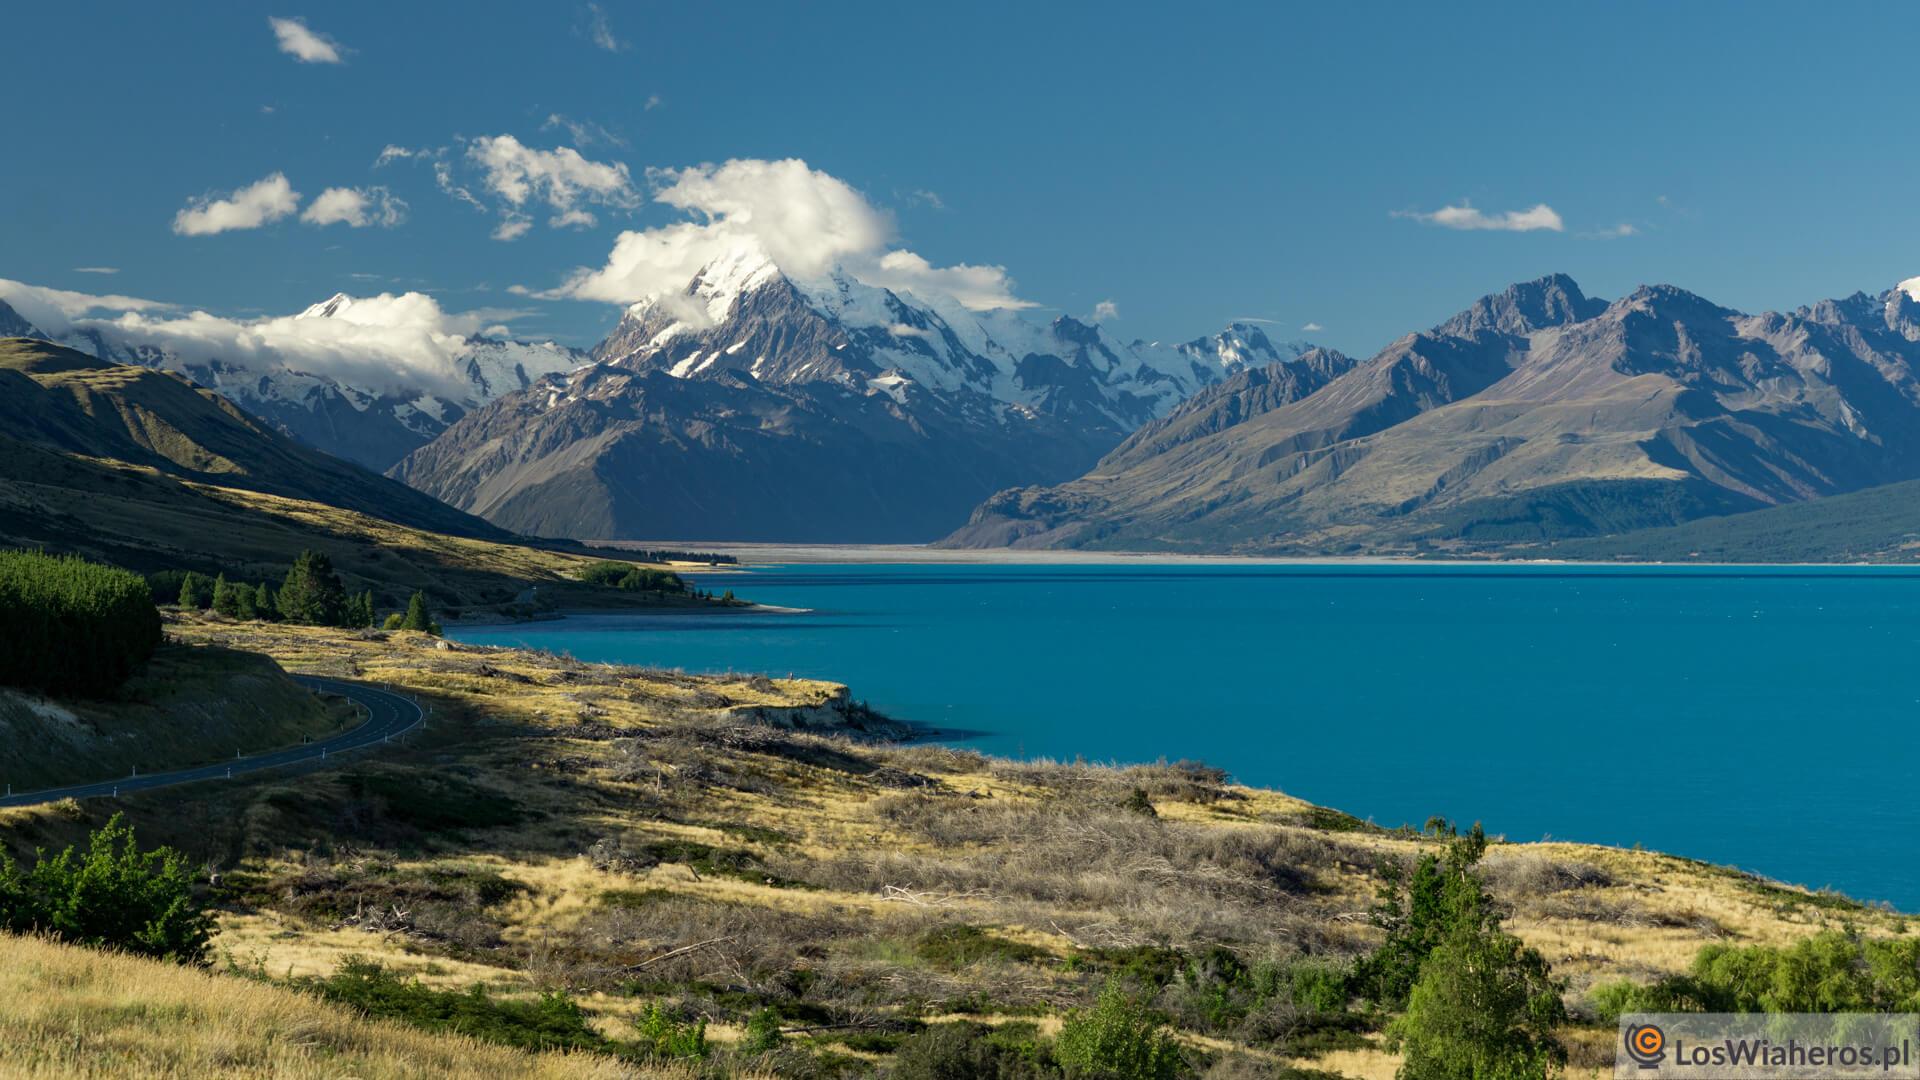 Jezioro Pukaki iGóra Cooka, Nowa Zelandia.